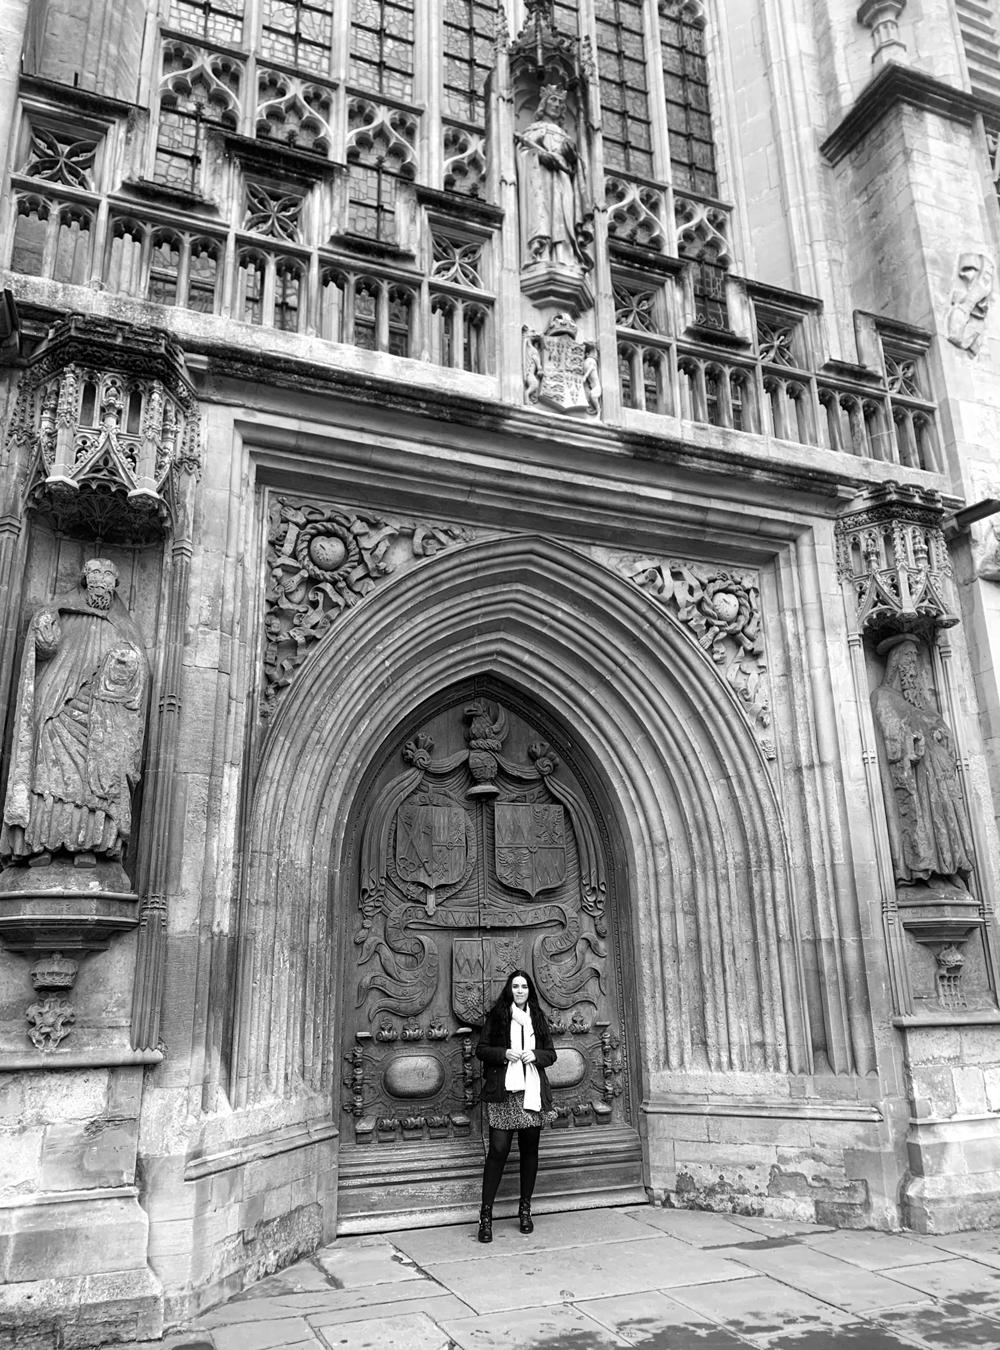 Bath Abbey - Emma Louise Layla, UK travel & lifestyle blog